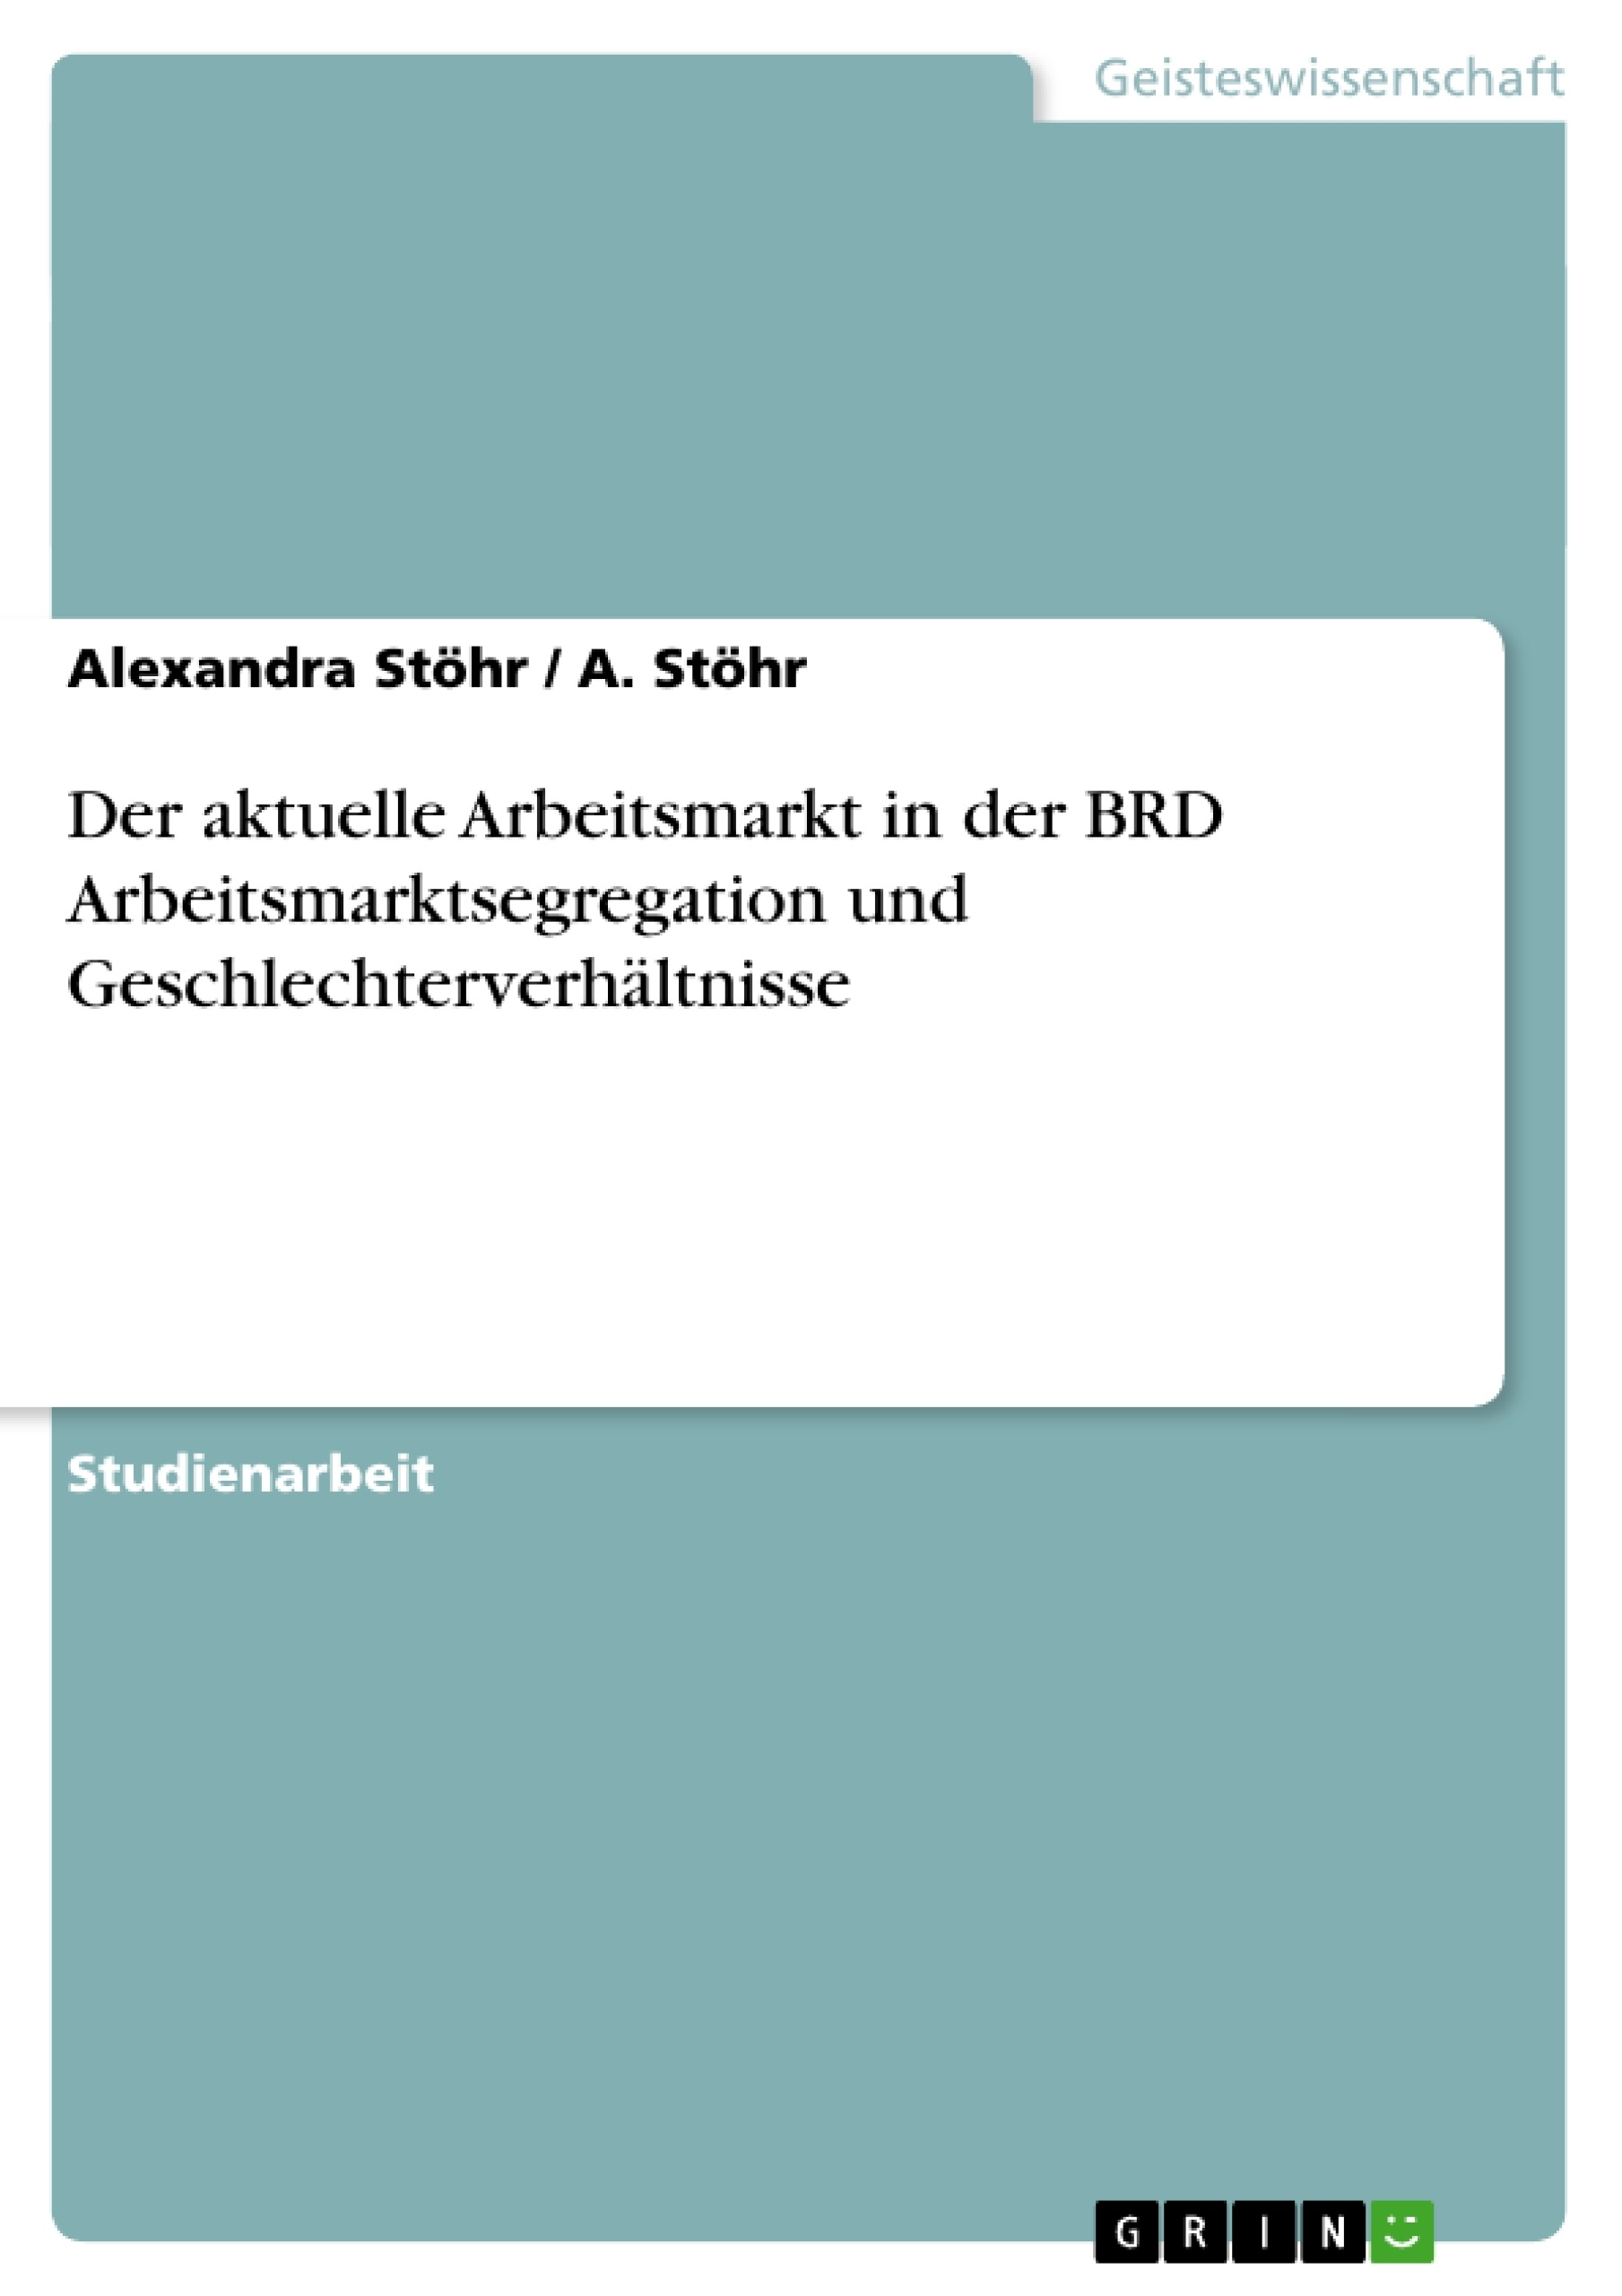 Titel: Der aktuelle Arbeitsmarkt in der BRD  Arbeitsmarktsegregation und Geschlechterverhältnisse